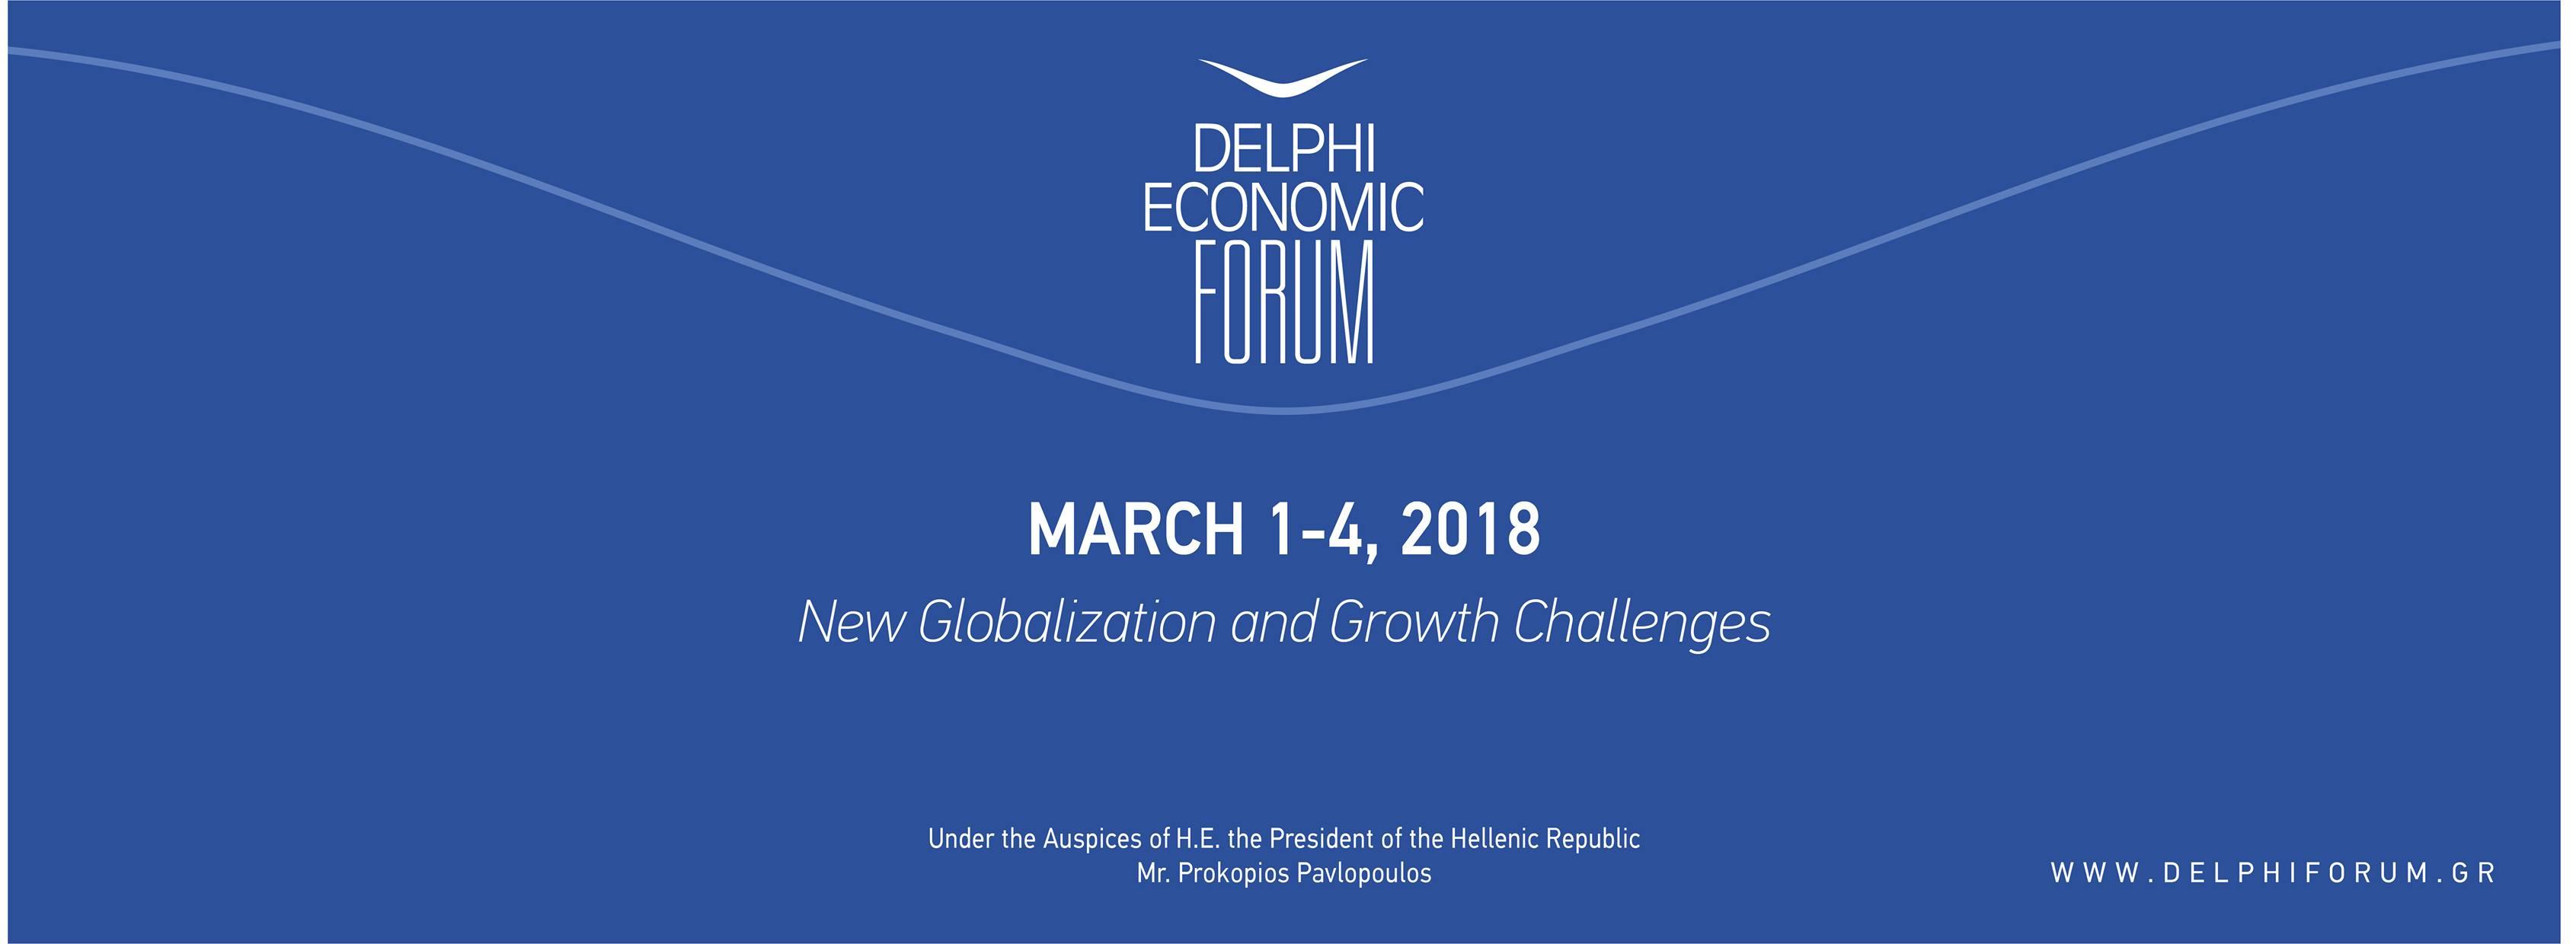 Αποτέλεσμα εικόνας για delphi economic forum 2018